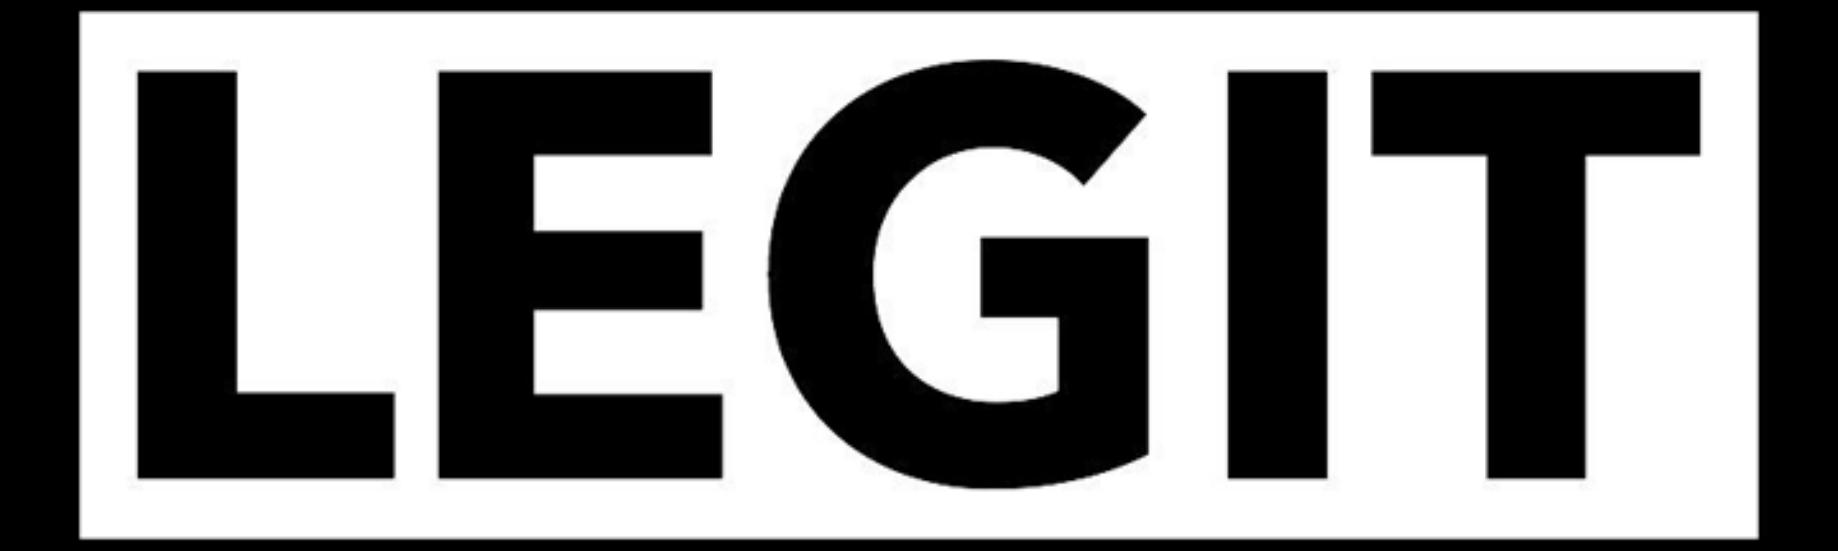 Legit là gì?